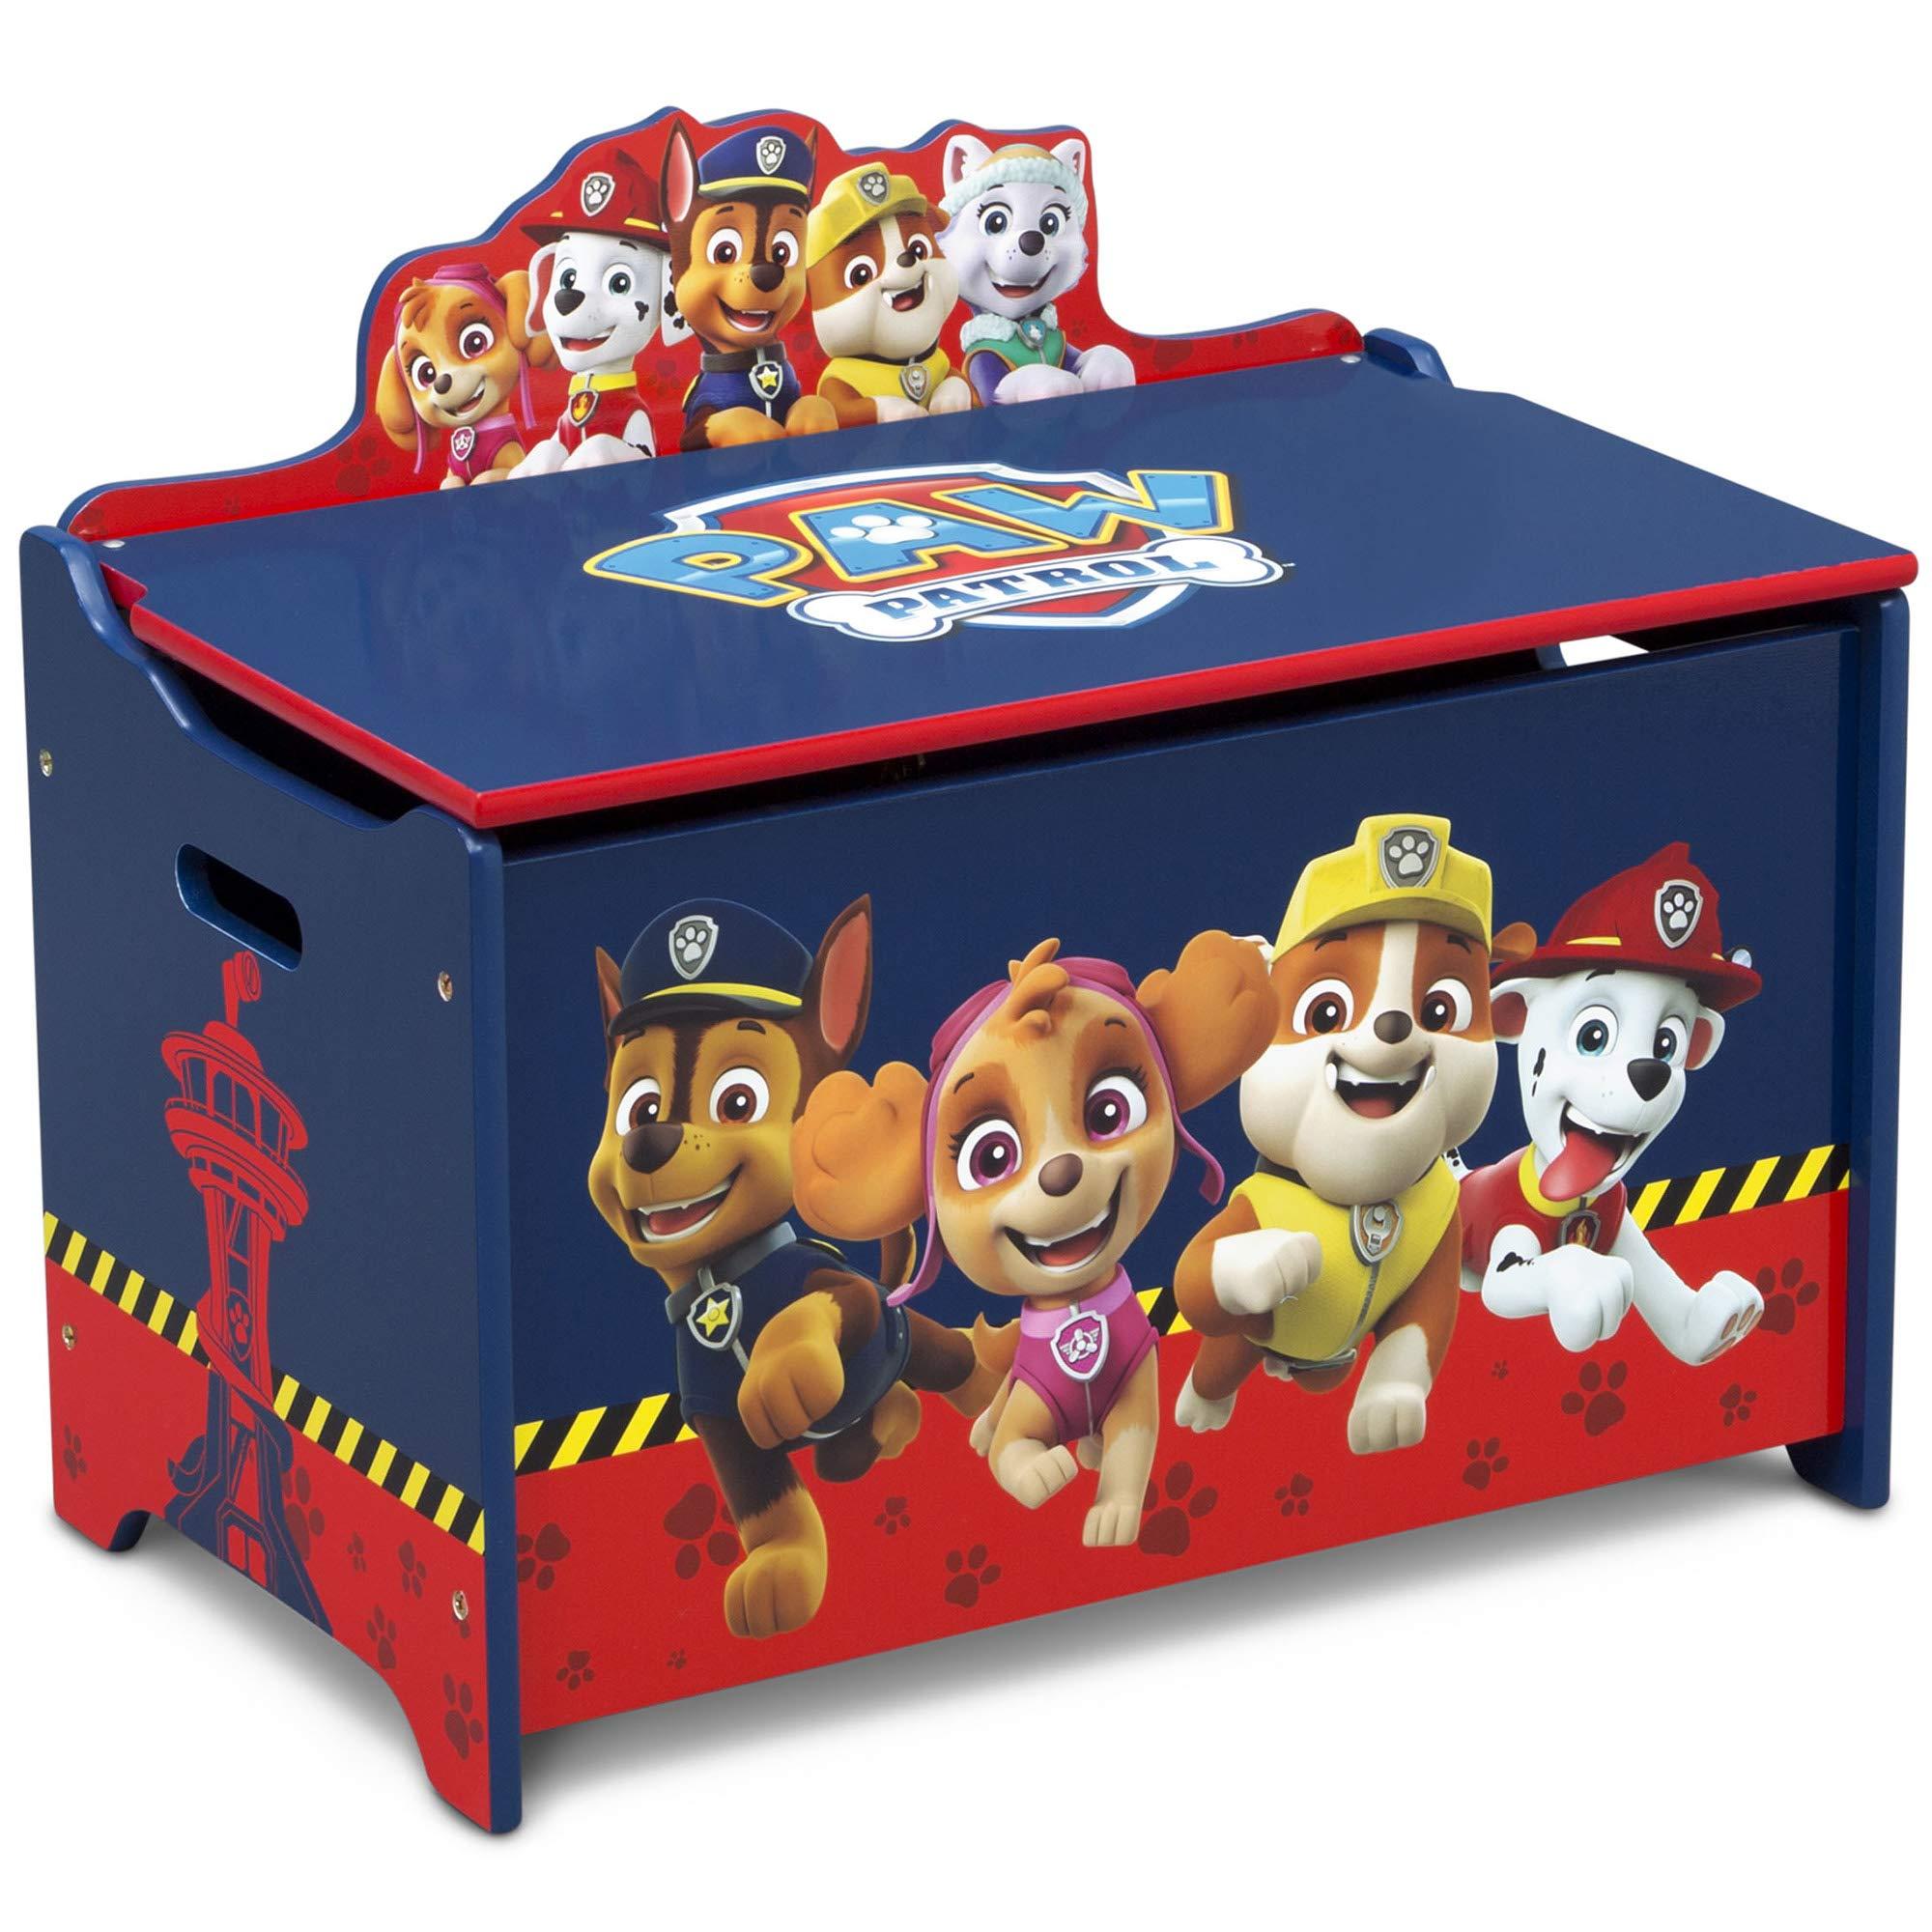 Delta Children Deluxe Toy Box, Paw Patrol, Blue by Delta Children